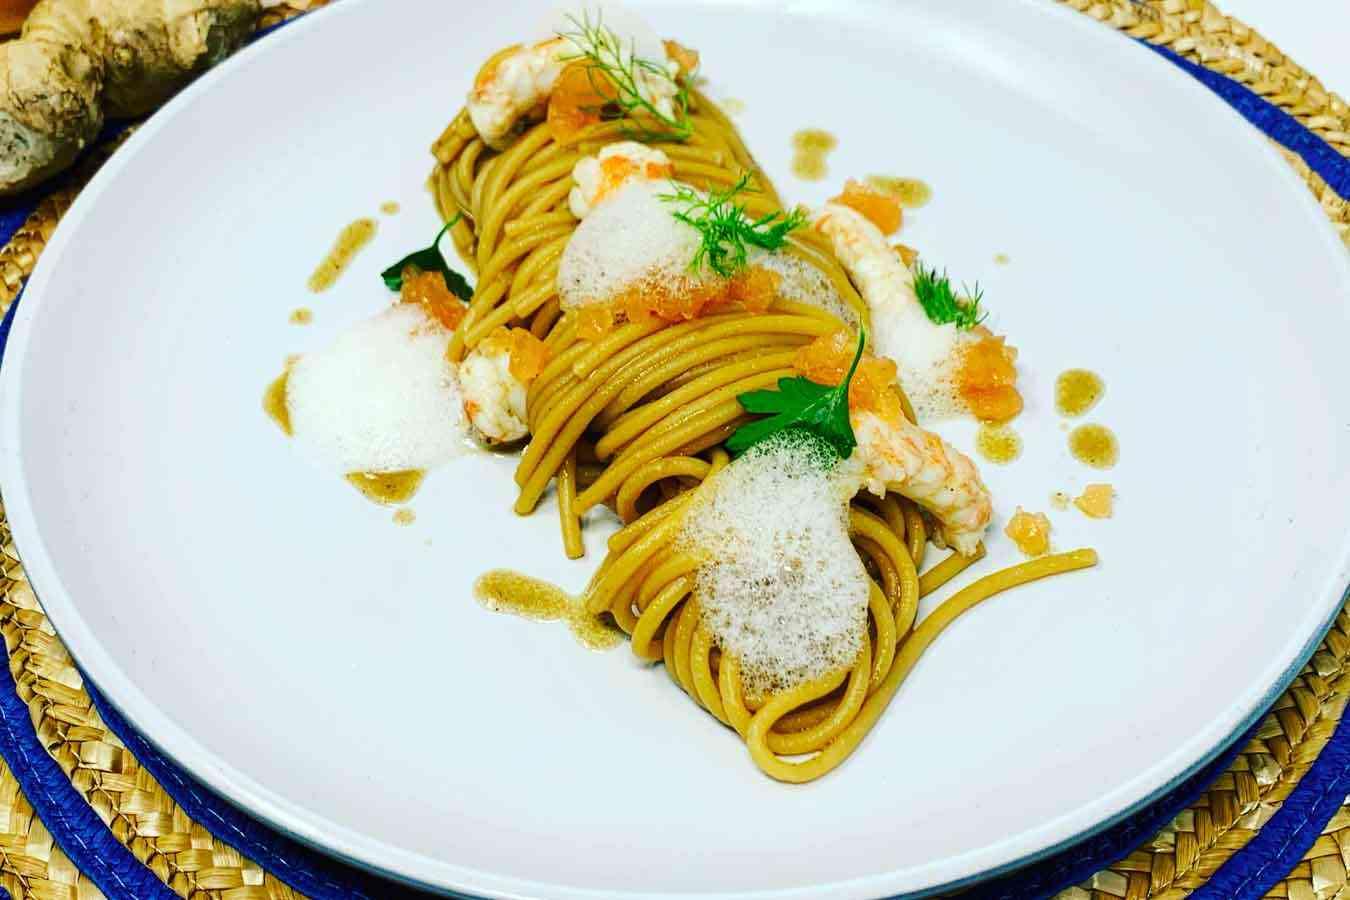 Vermicelli all'aglio nero con scampi, pompelmo e aria di zenzero